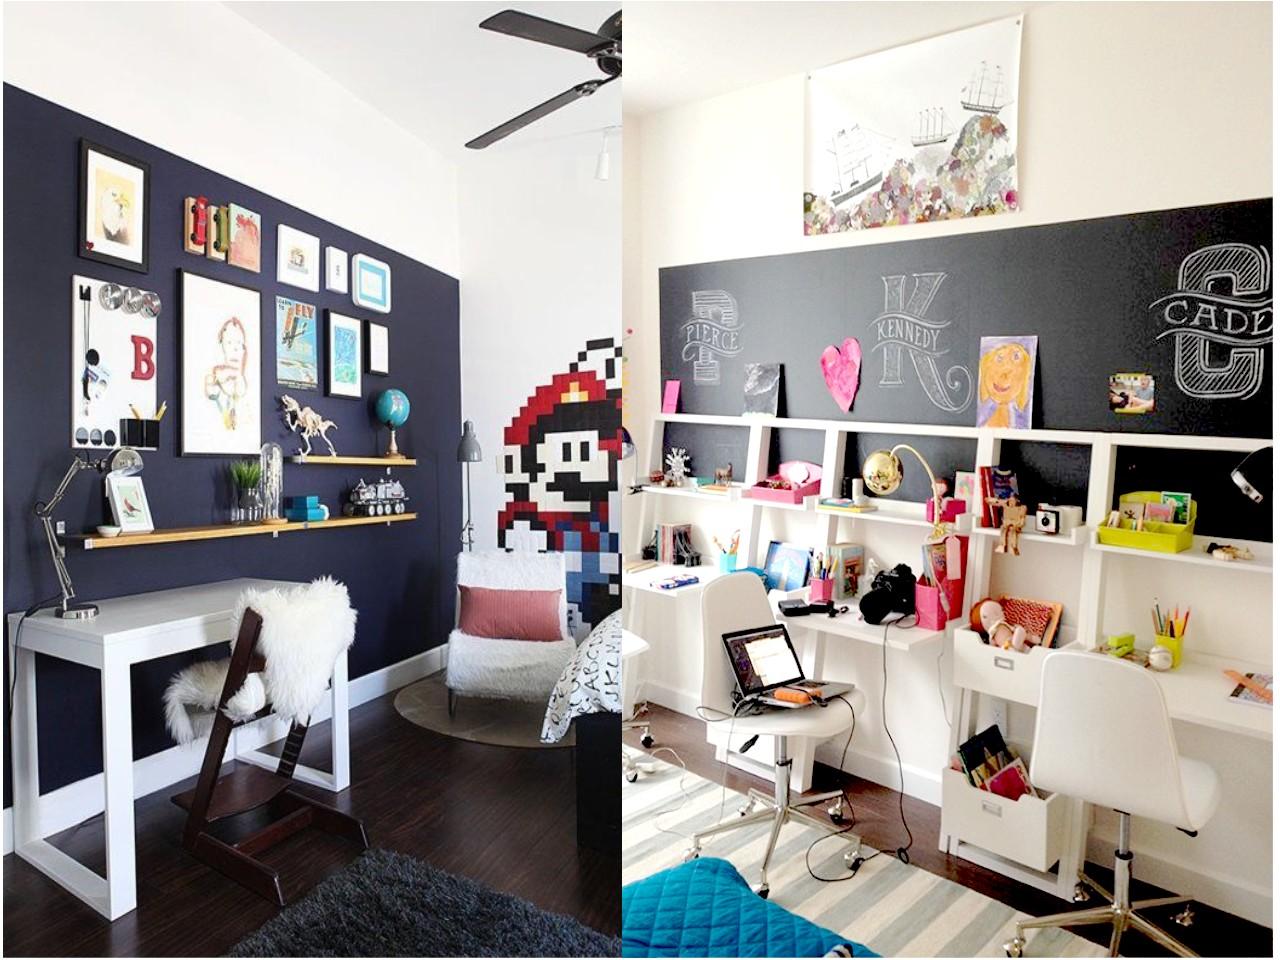 Las 6 mejores ideas de decoraci n con pizarras para casa for Estudios minimalistas decoracion